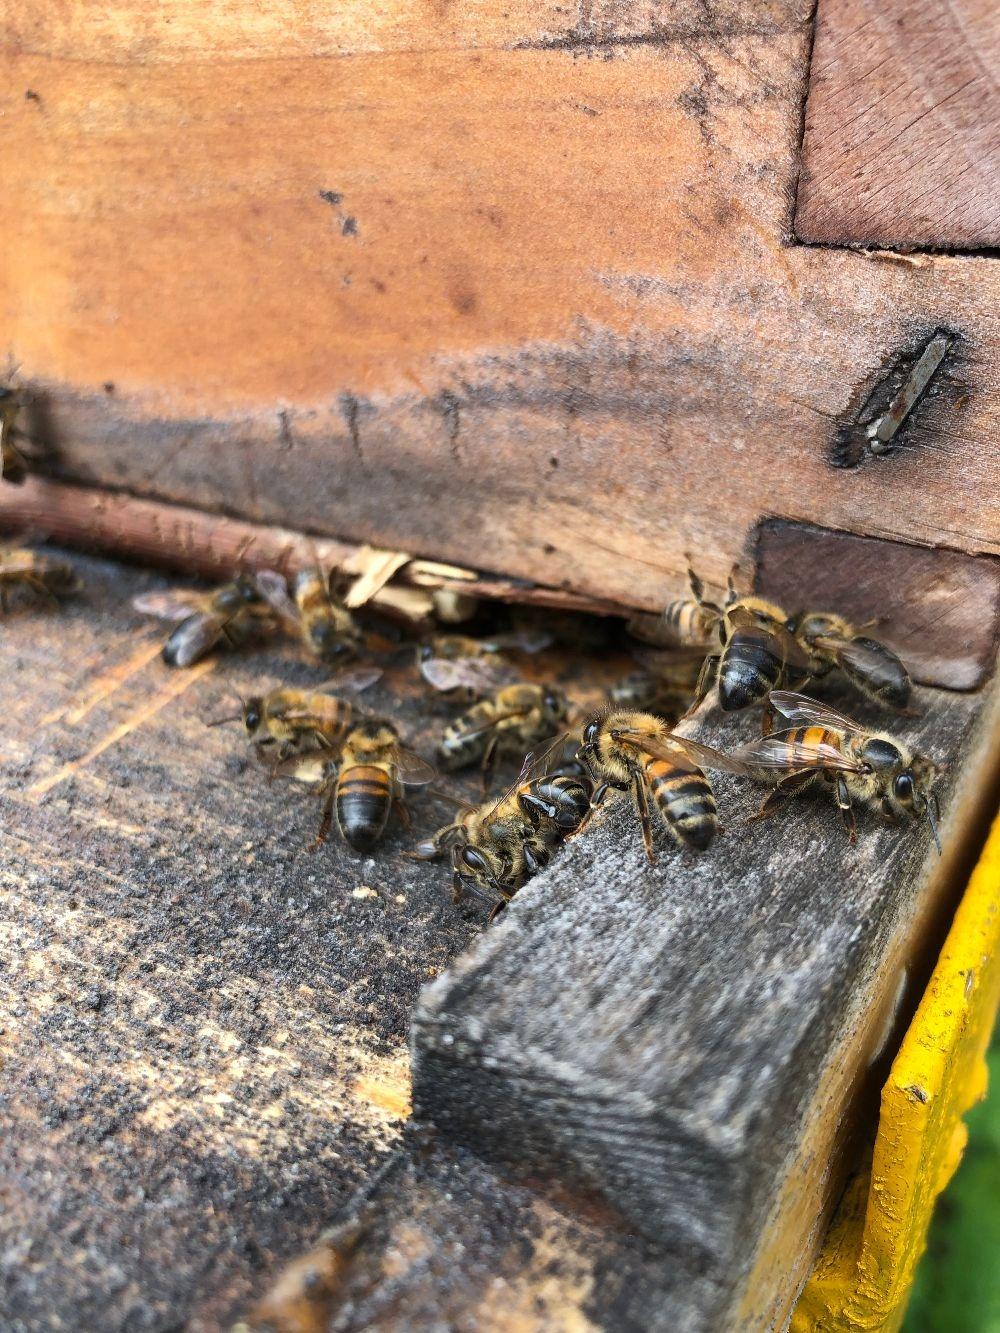 Abierta invitación a apicultores para participar en investigación sobre mortalidad de colmenas